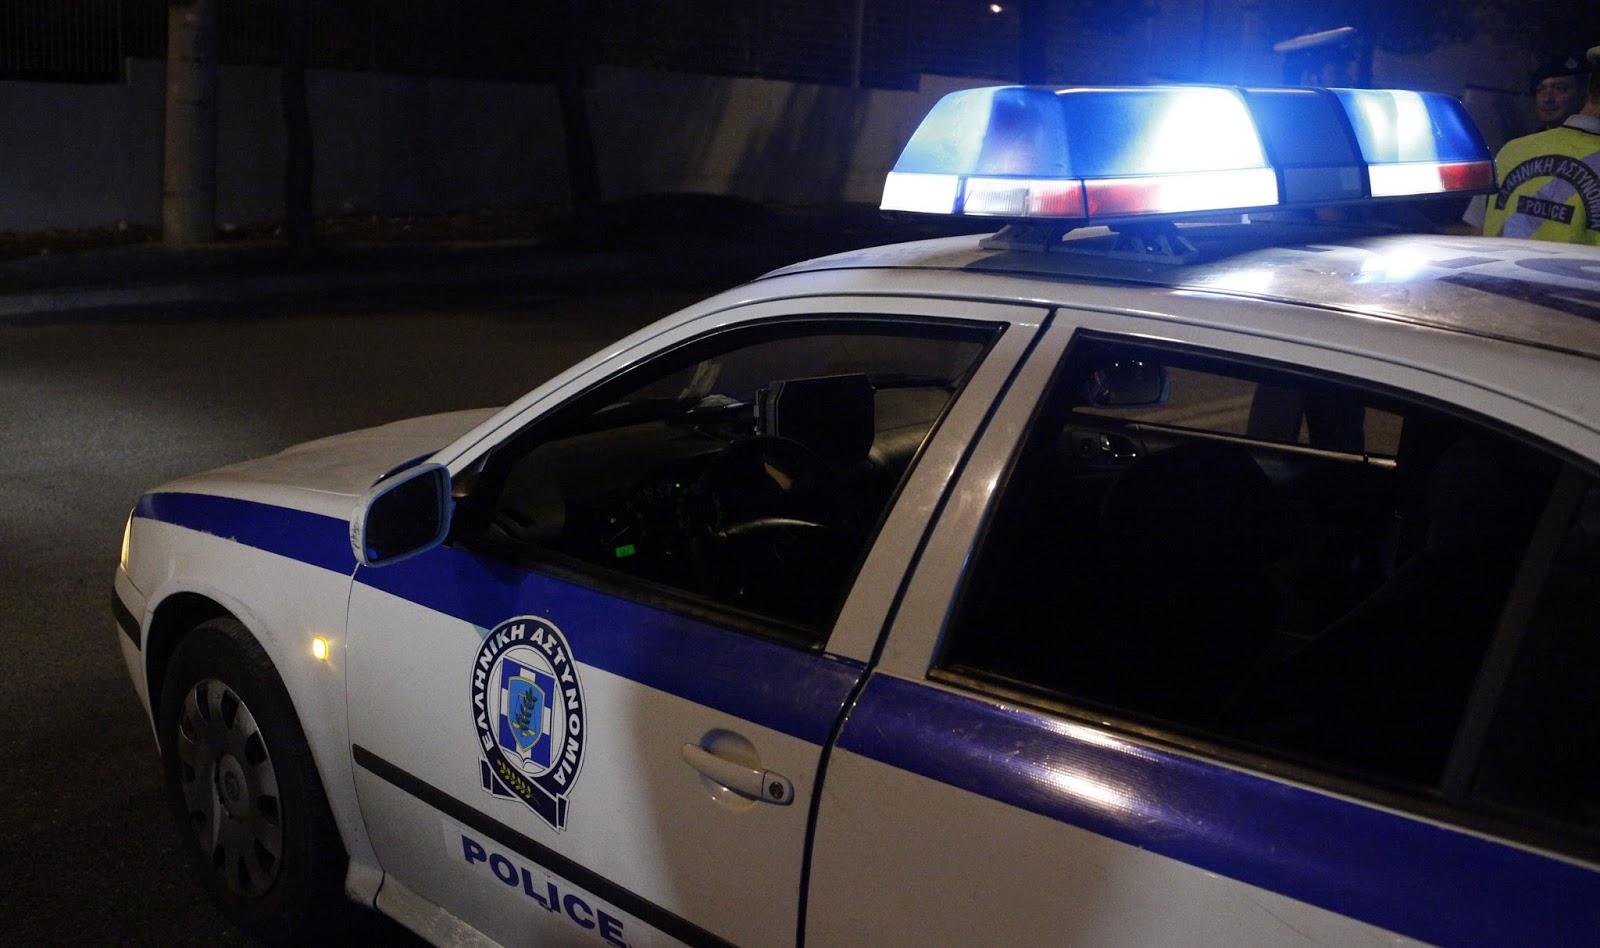 Λάρισα: Σύλληψη 3 για φόνο νεαρού το βράδυ του Σαββάτου